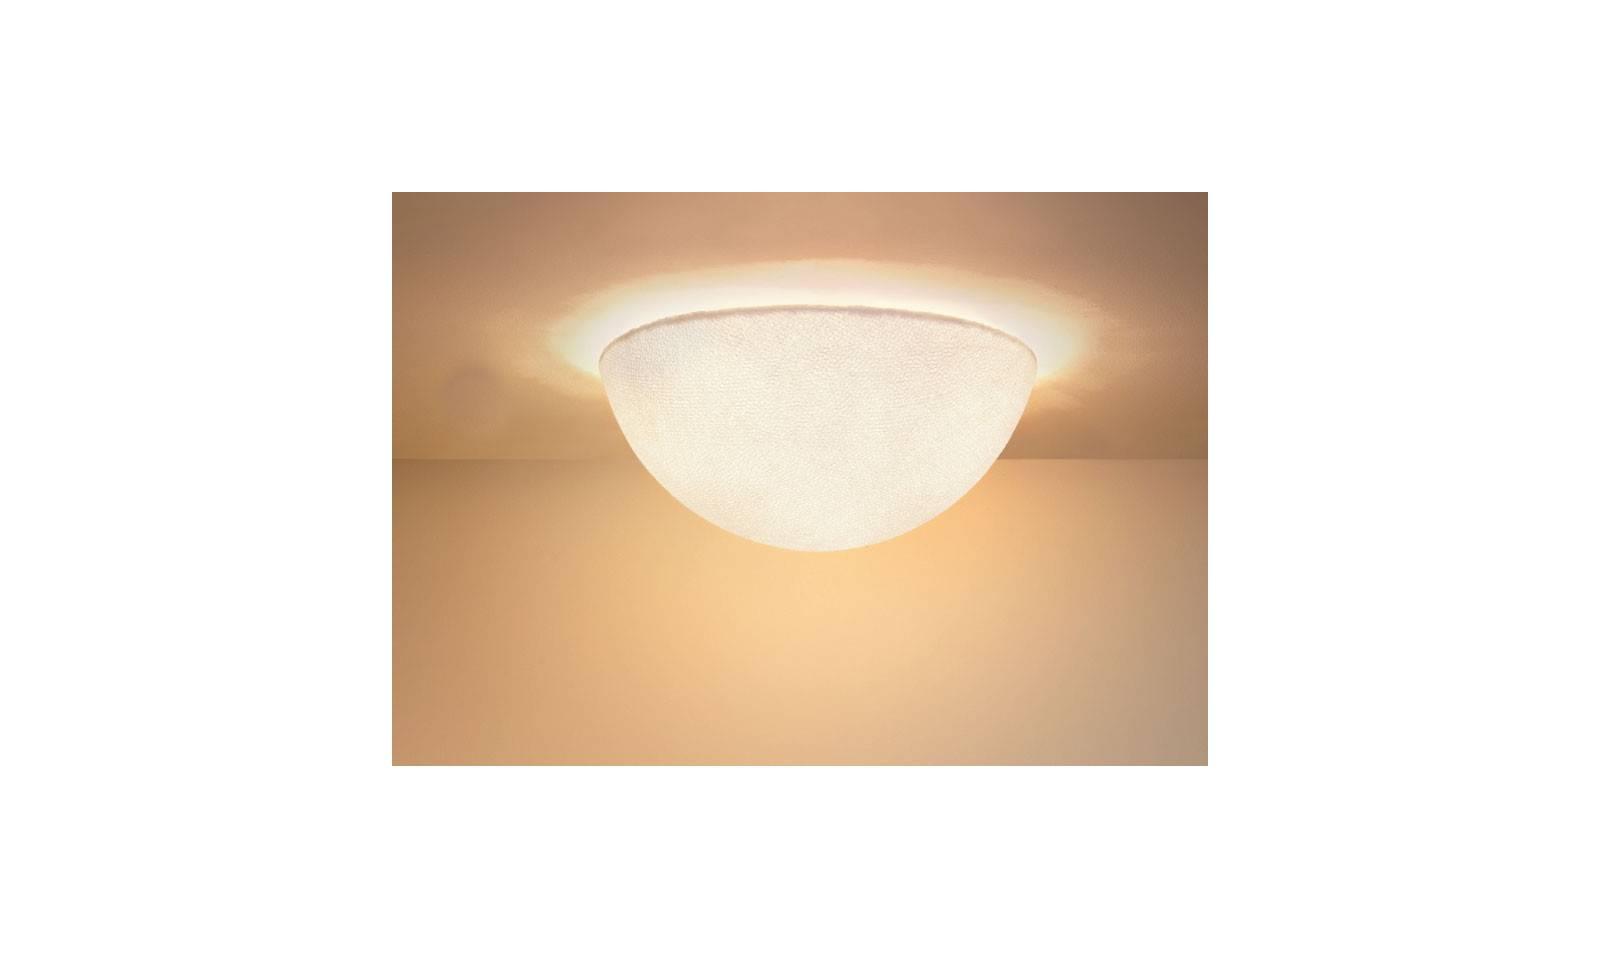 Plafoniera Per Cameretta : Come illuminare la cameretta dei vostri bimbi con lampade led in